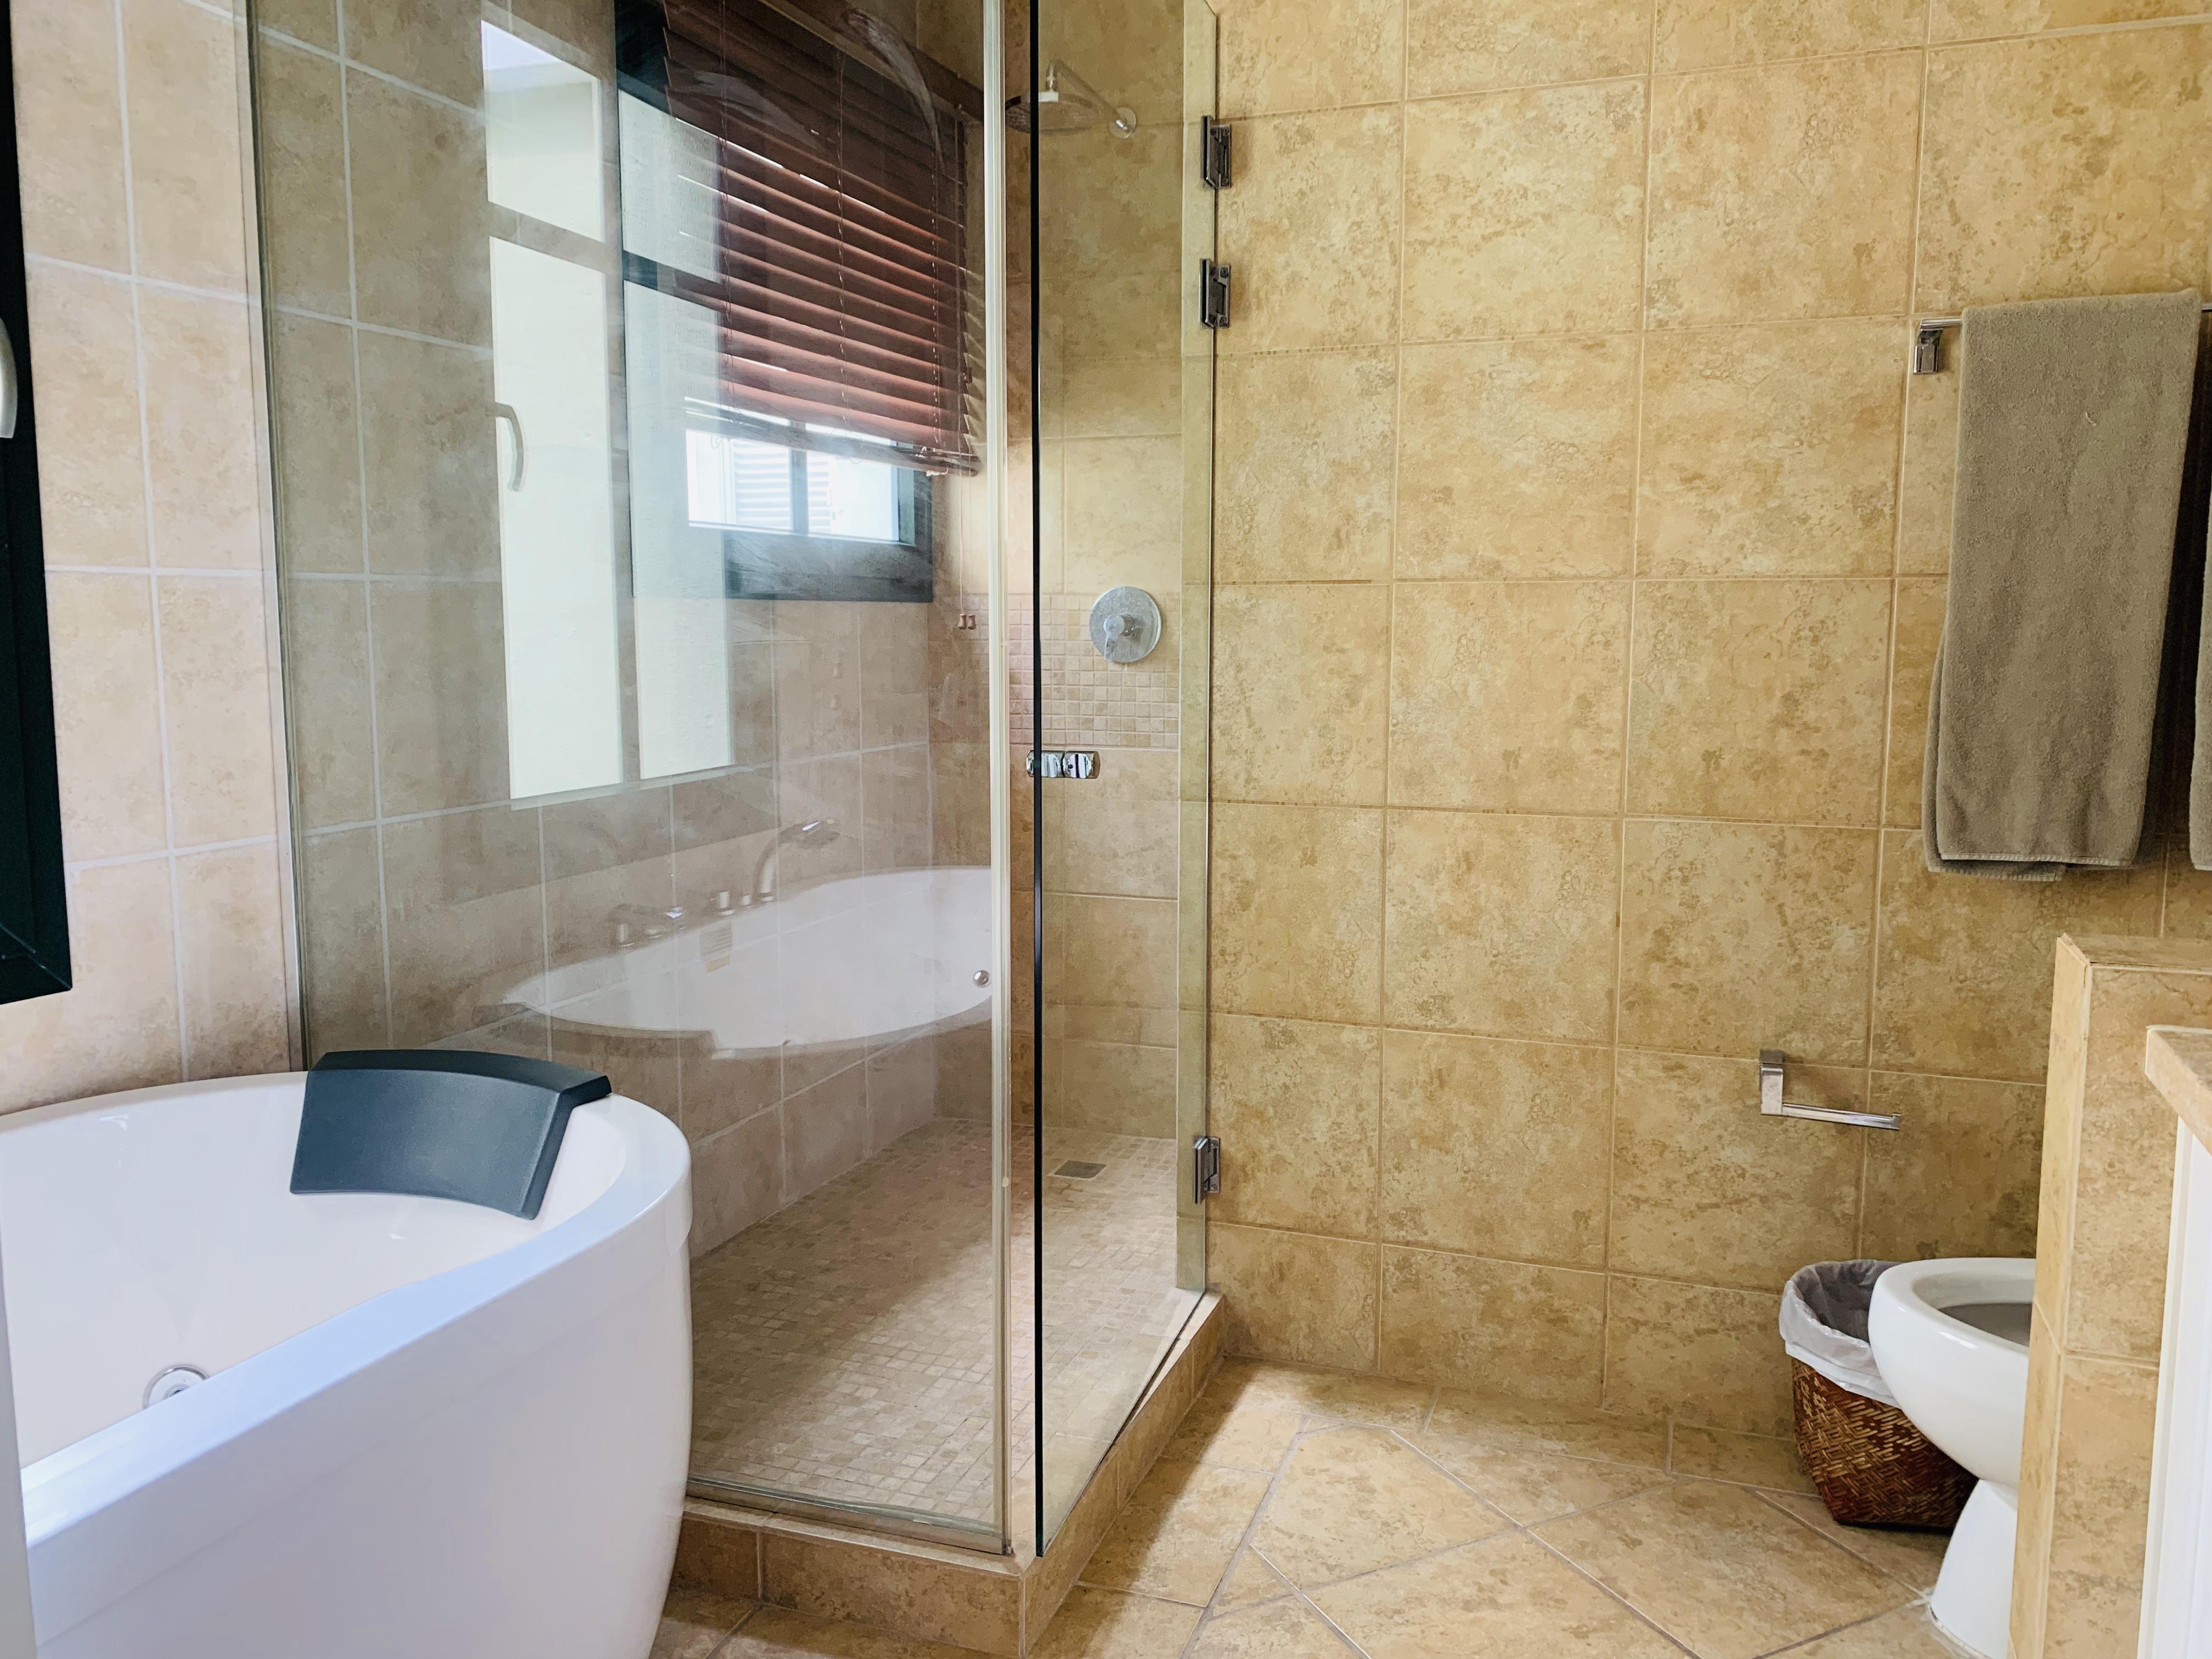 baño hab 01